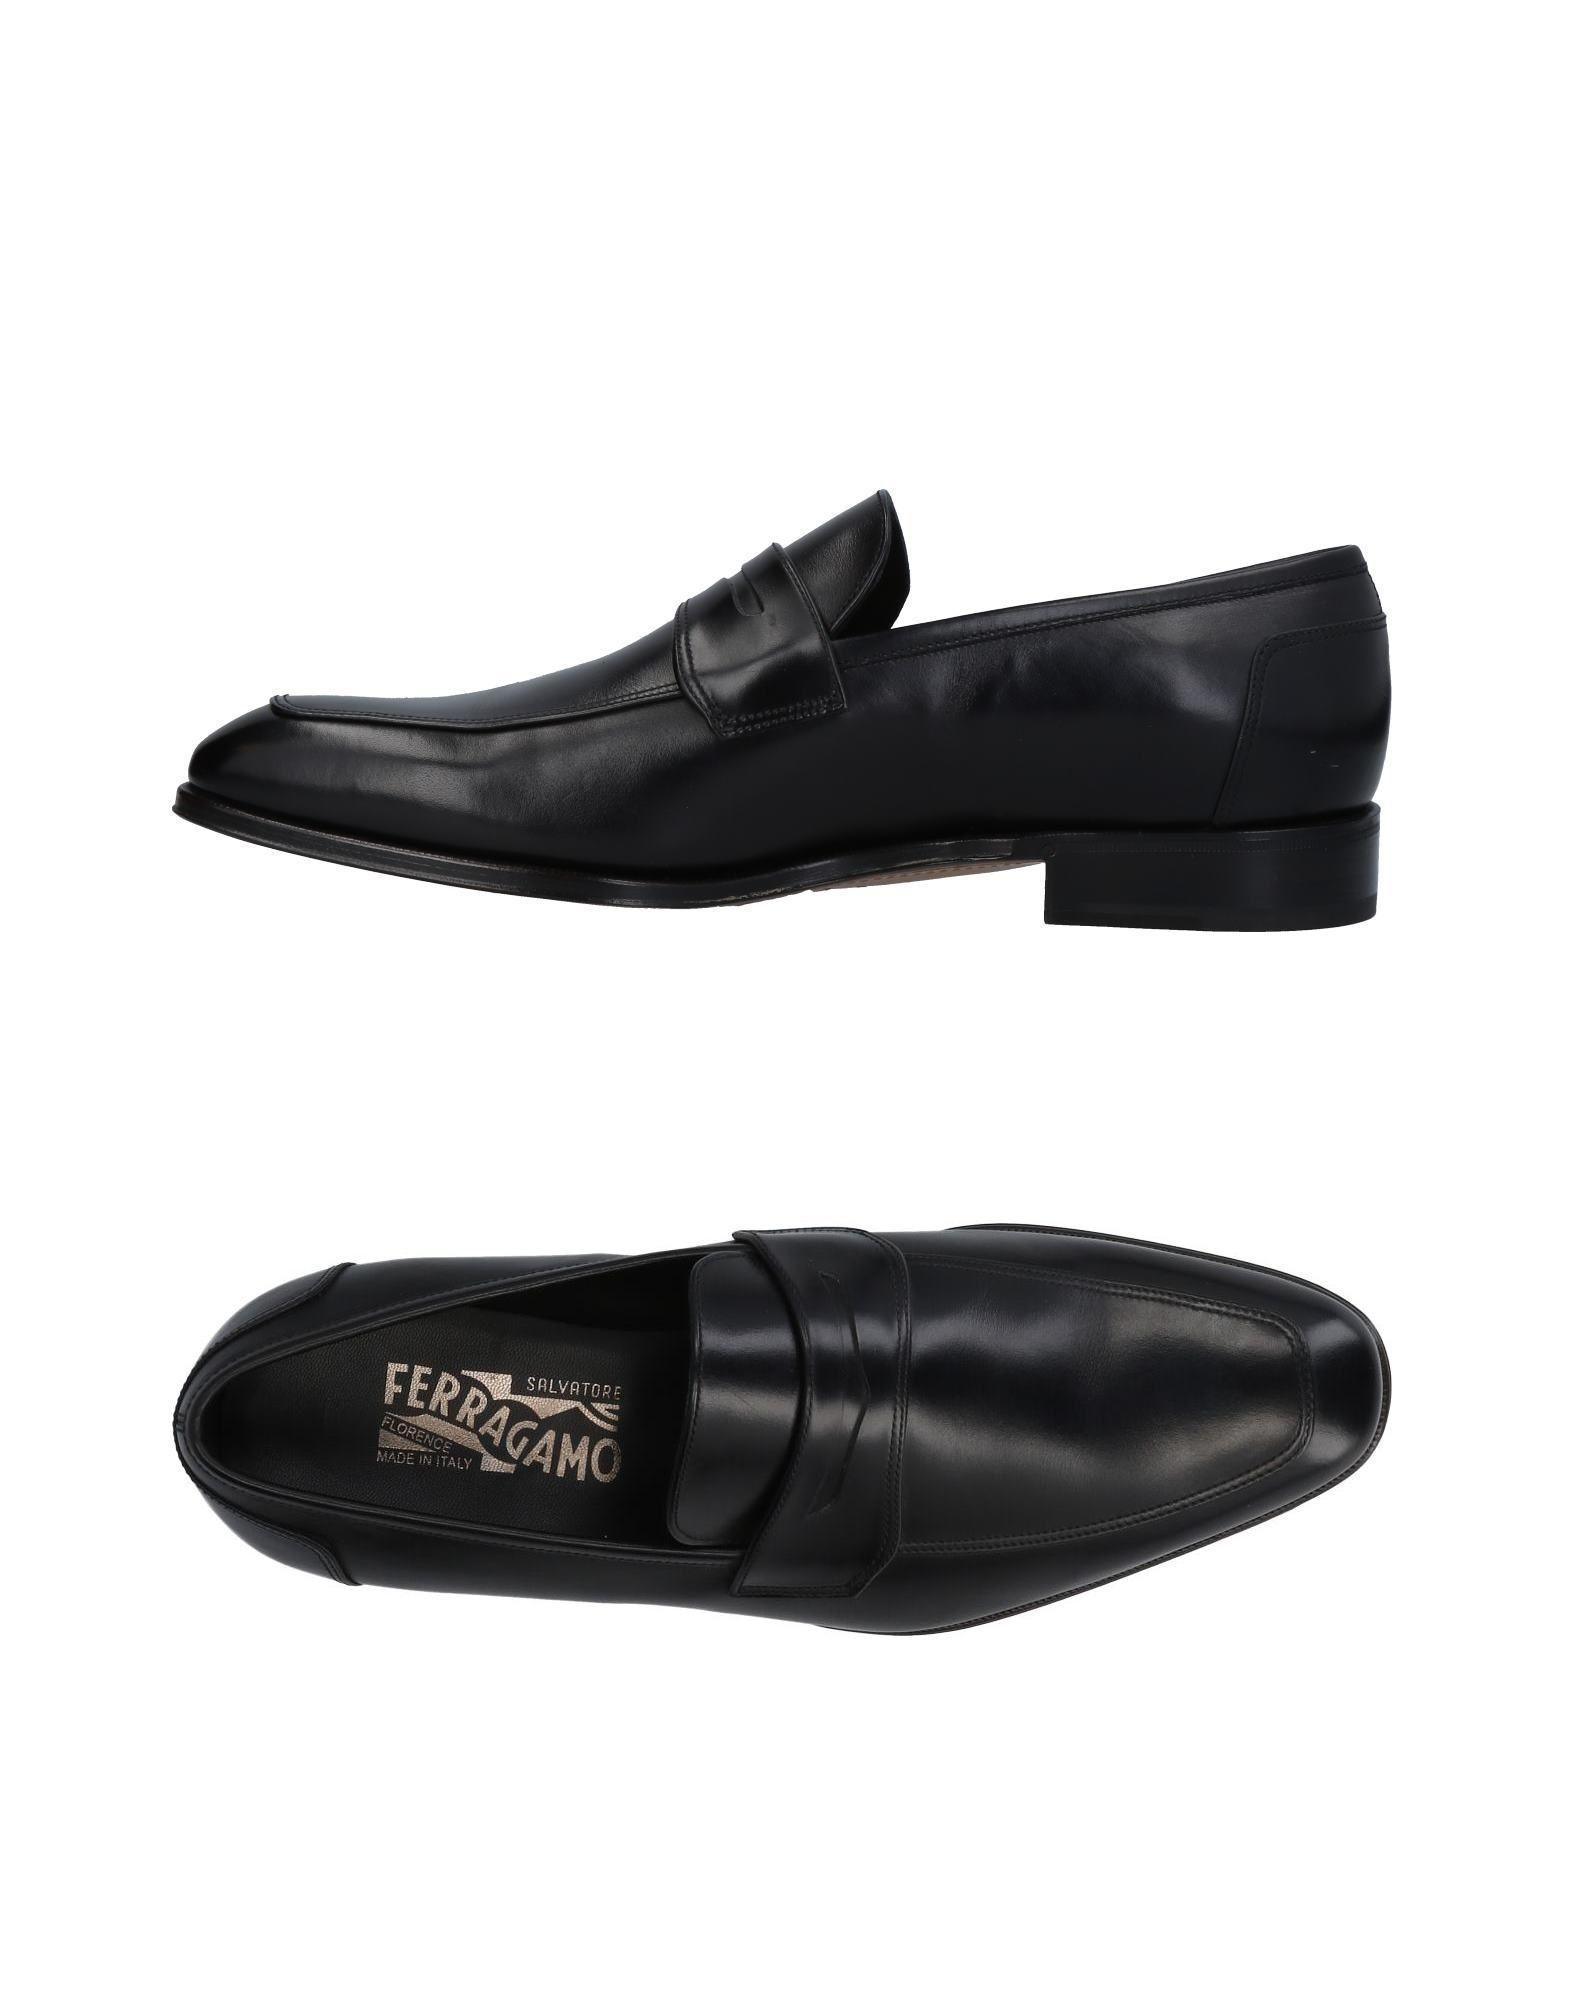 Salvatore Ferragamo Loafers In Black